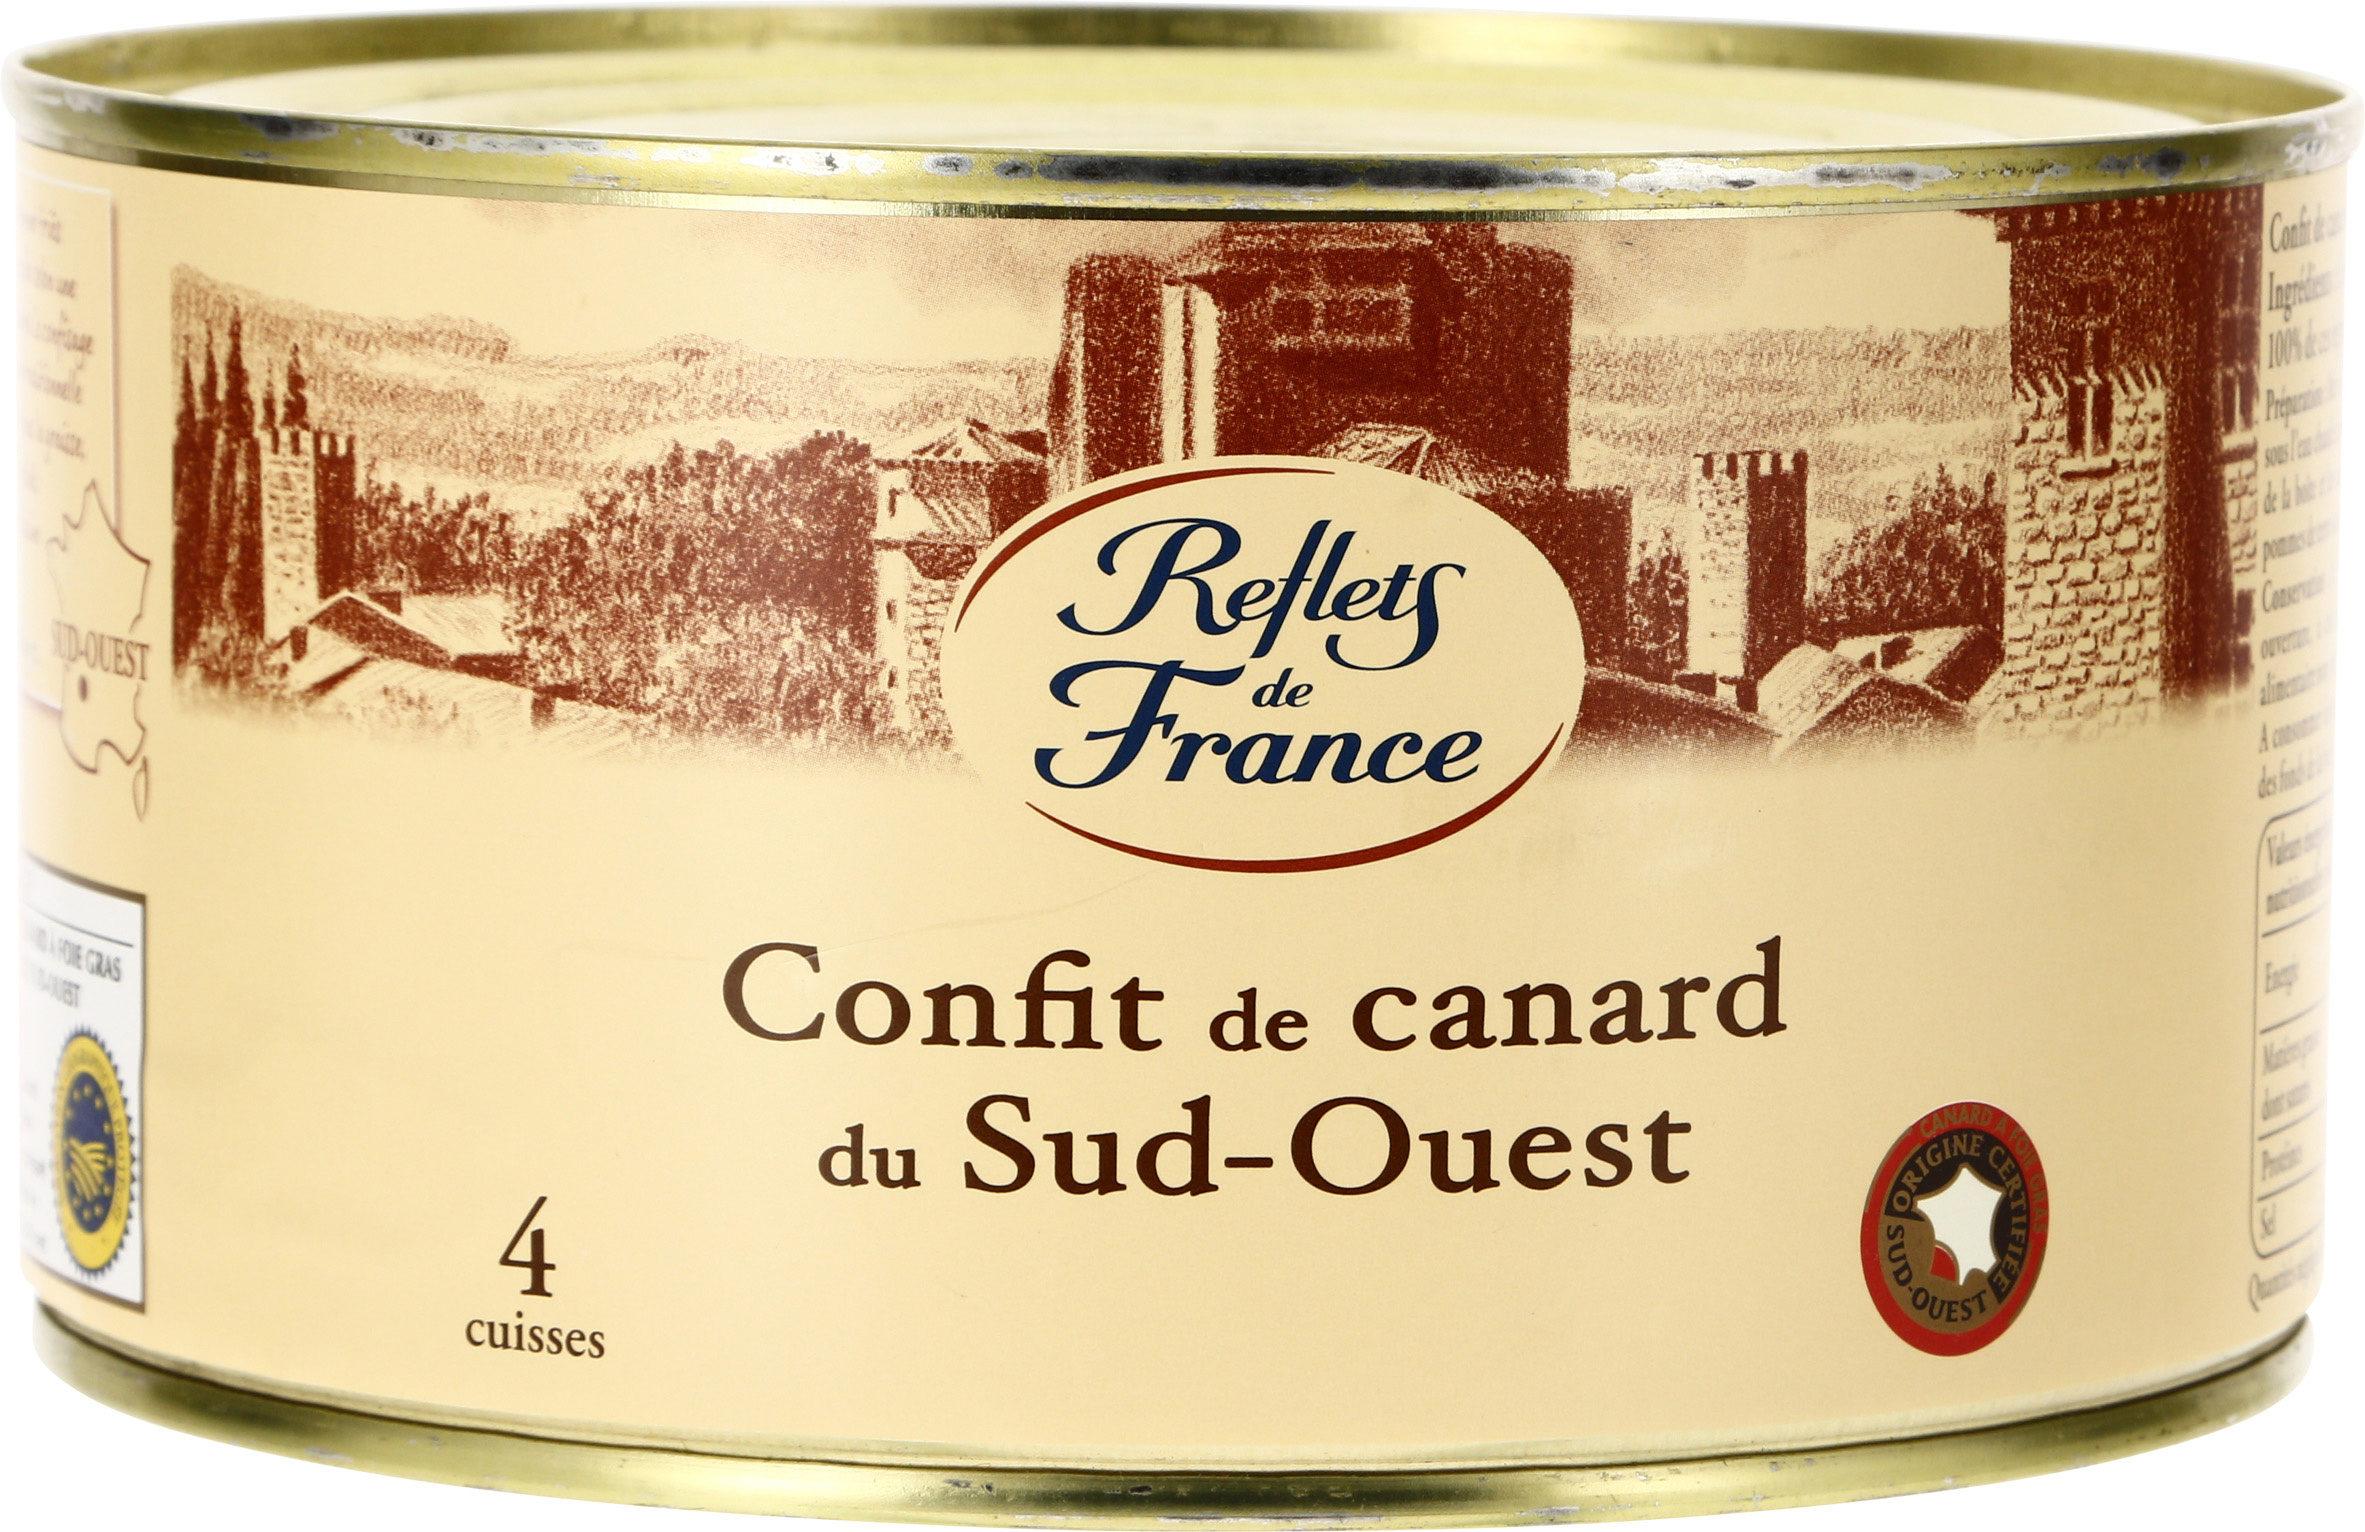 Confit de canard du Sud-Ouest - Product - fr